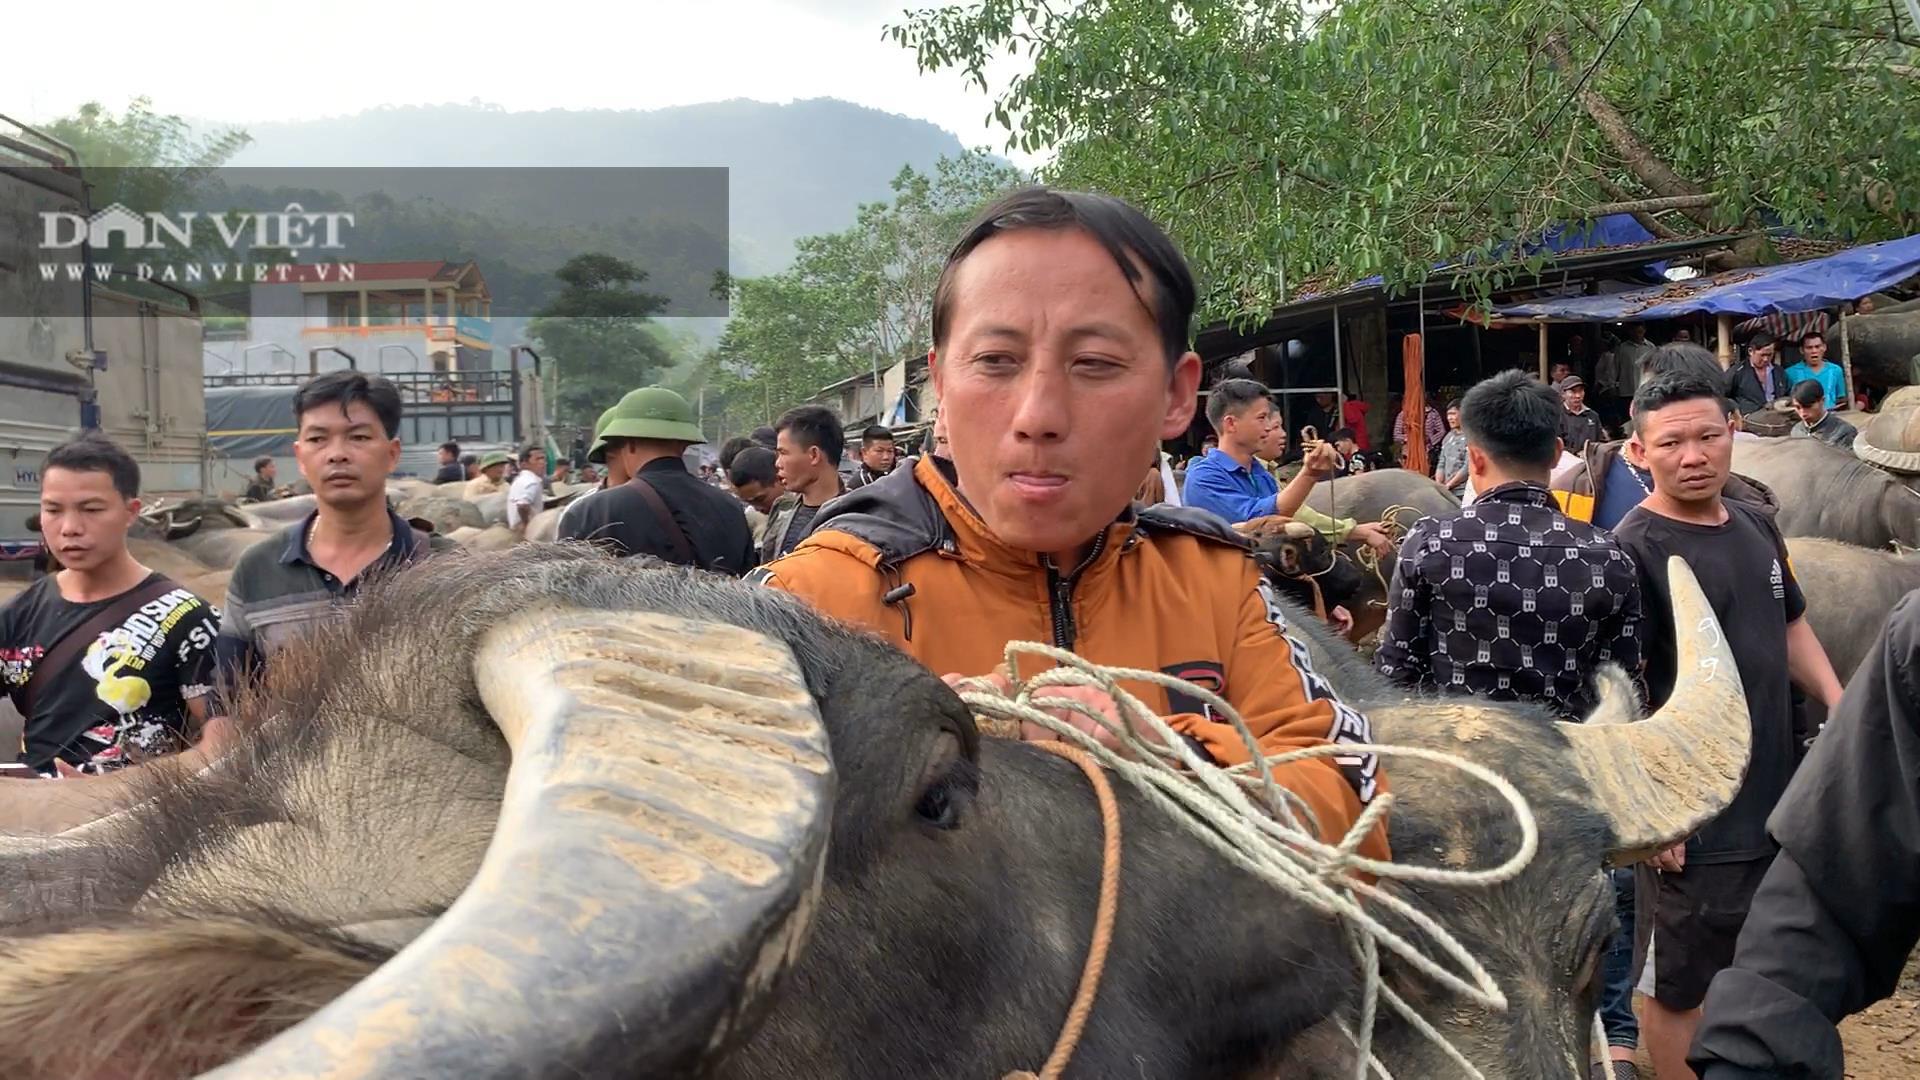 Bắc Kạn: Nguy cơ mất an toàn tại chợ trâu, bò Nghiên Loan - Ảnh 3.